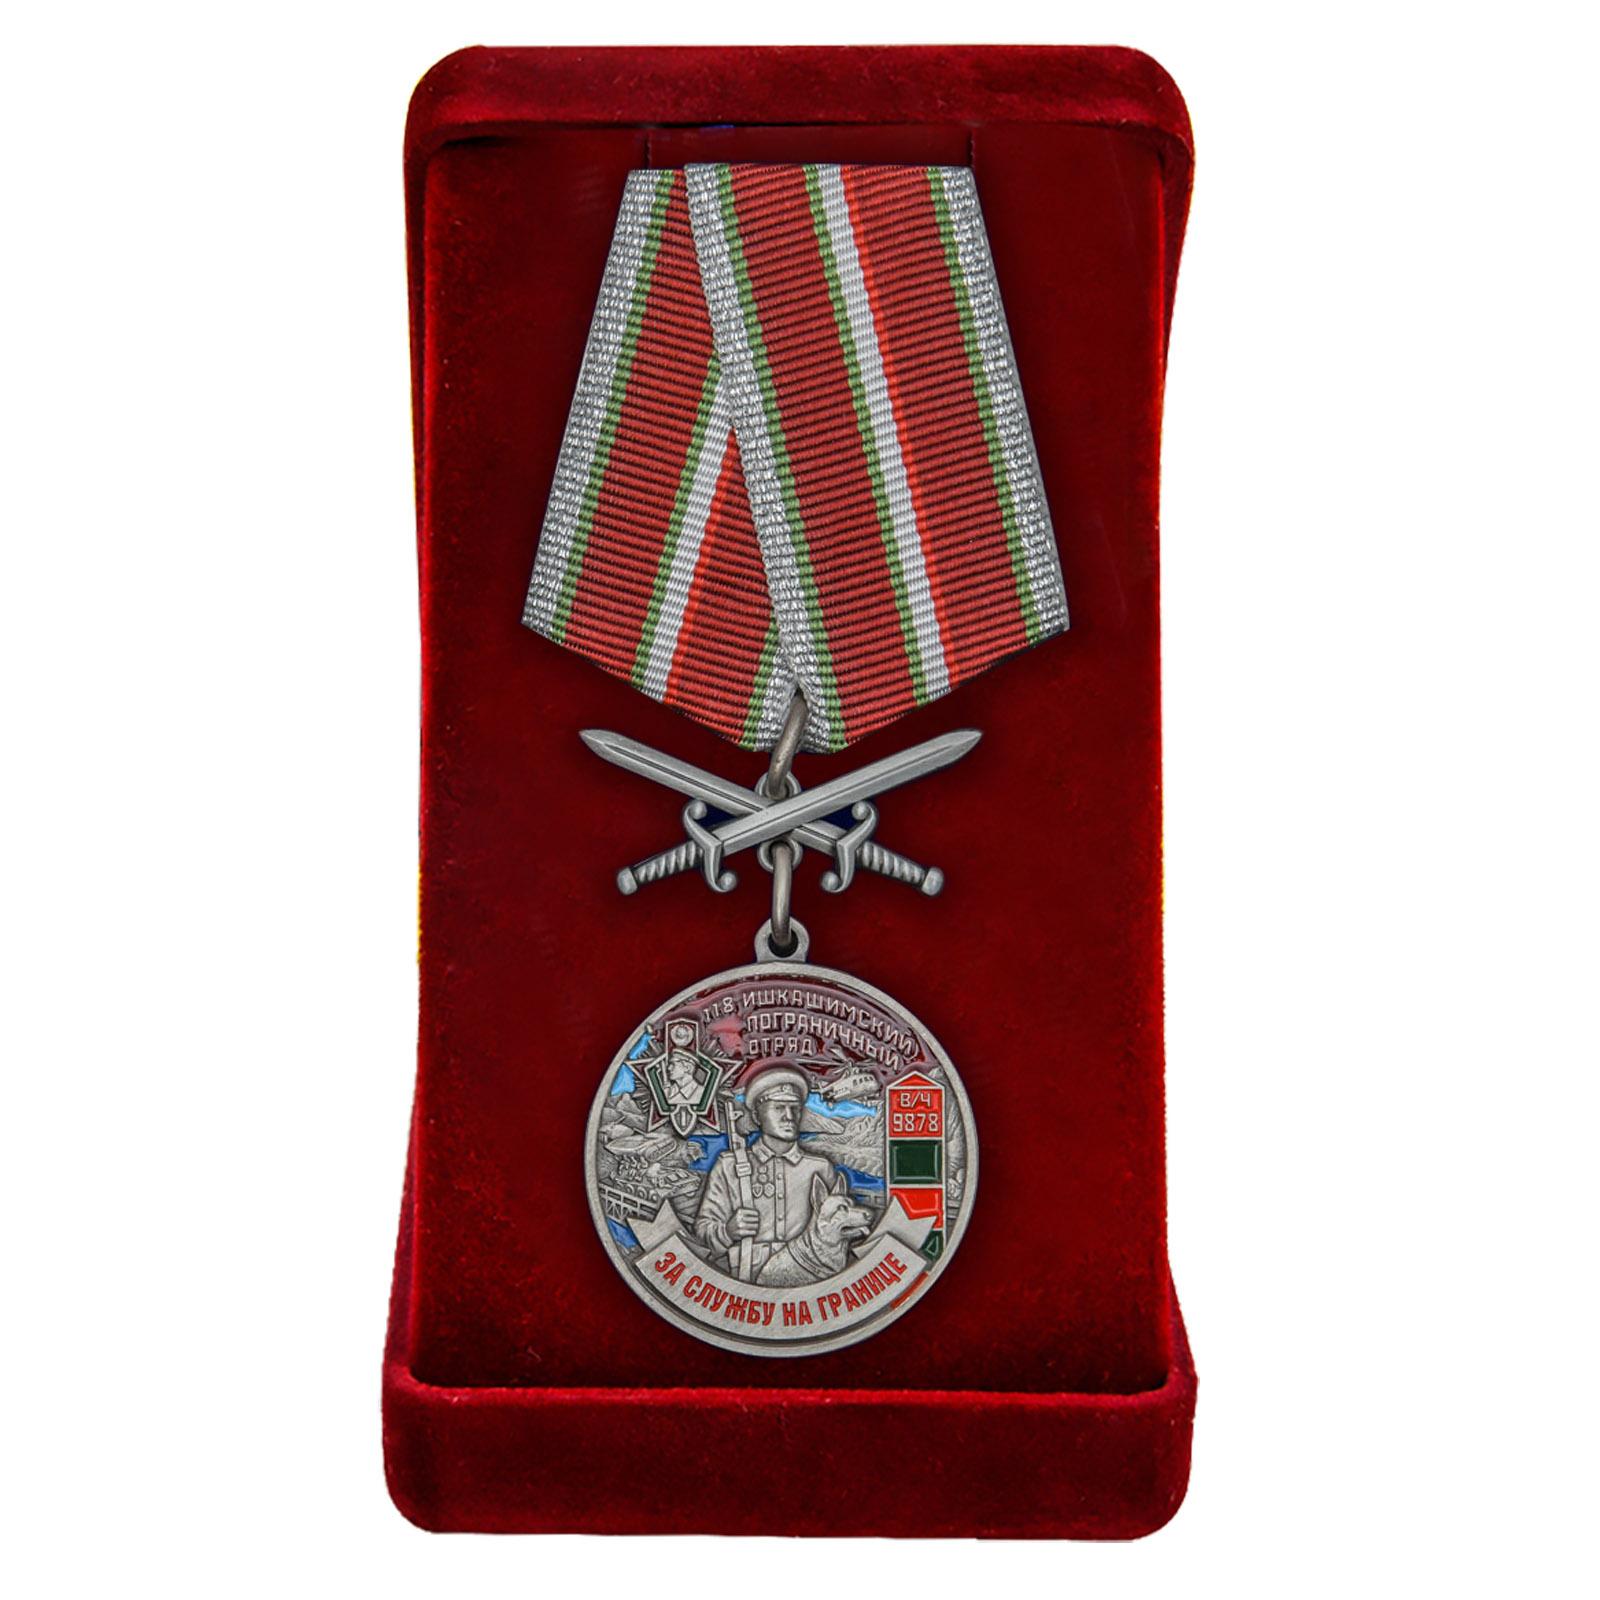 Купить медаль За службу в Ишкашимском пограничном отряде в подарок